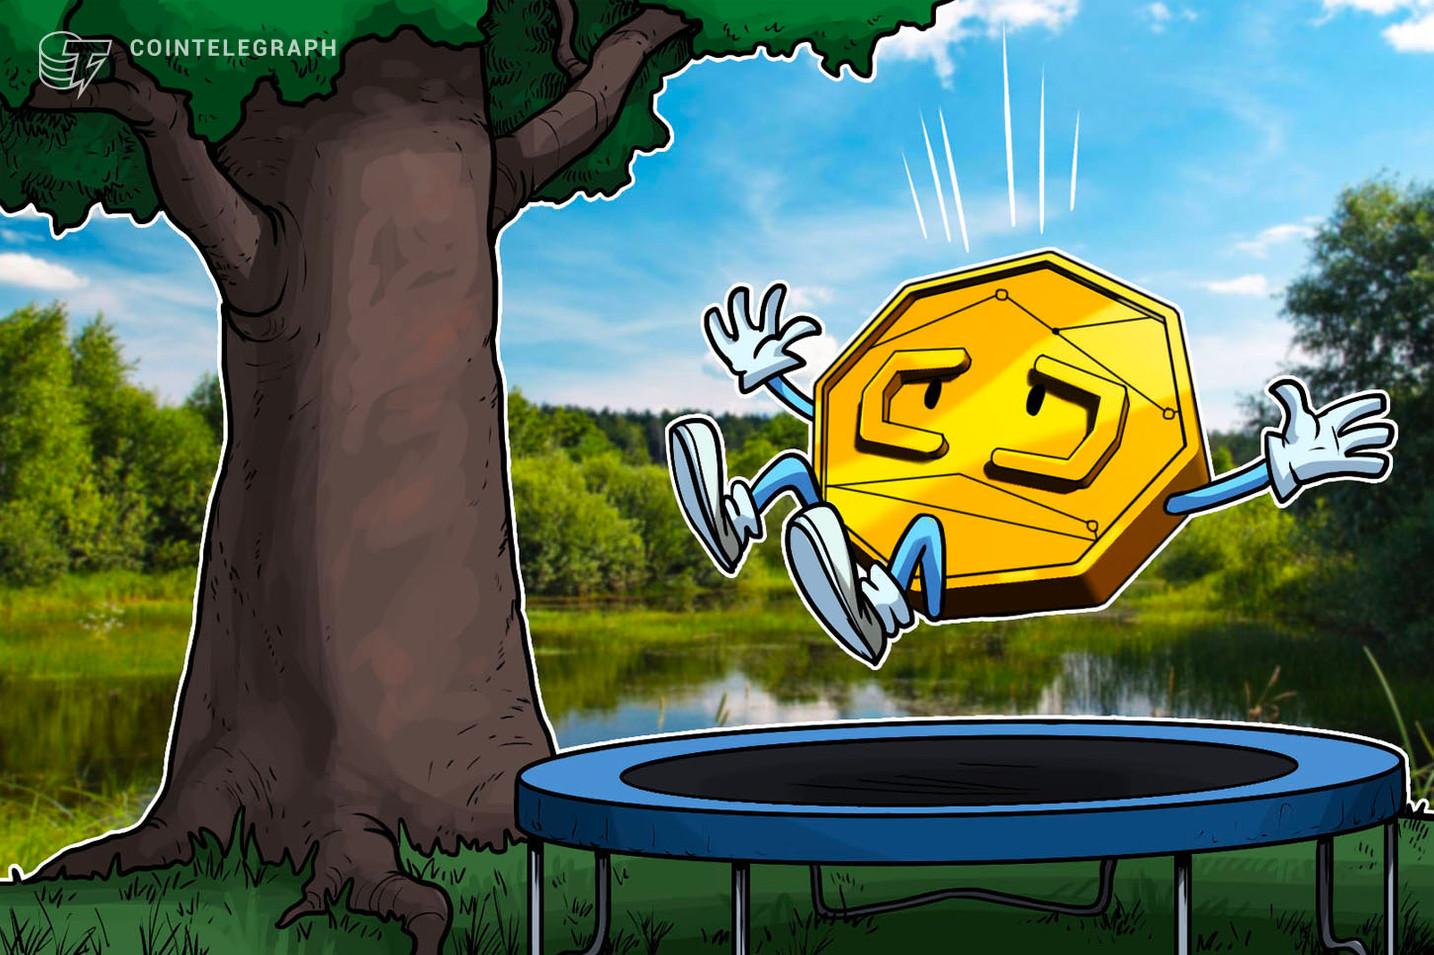 Kripto tržišta nastavljaju sa padom, dok se na globalnom nivou razjašnjavaju propisi